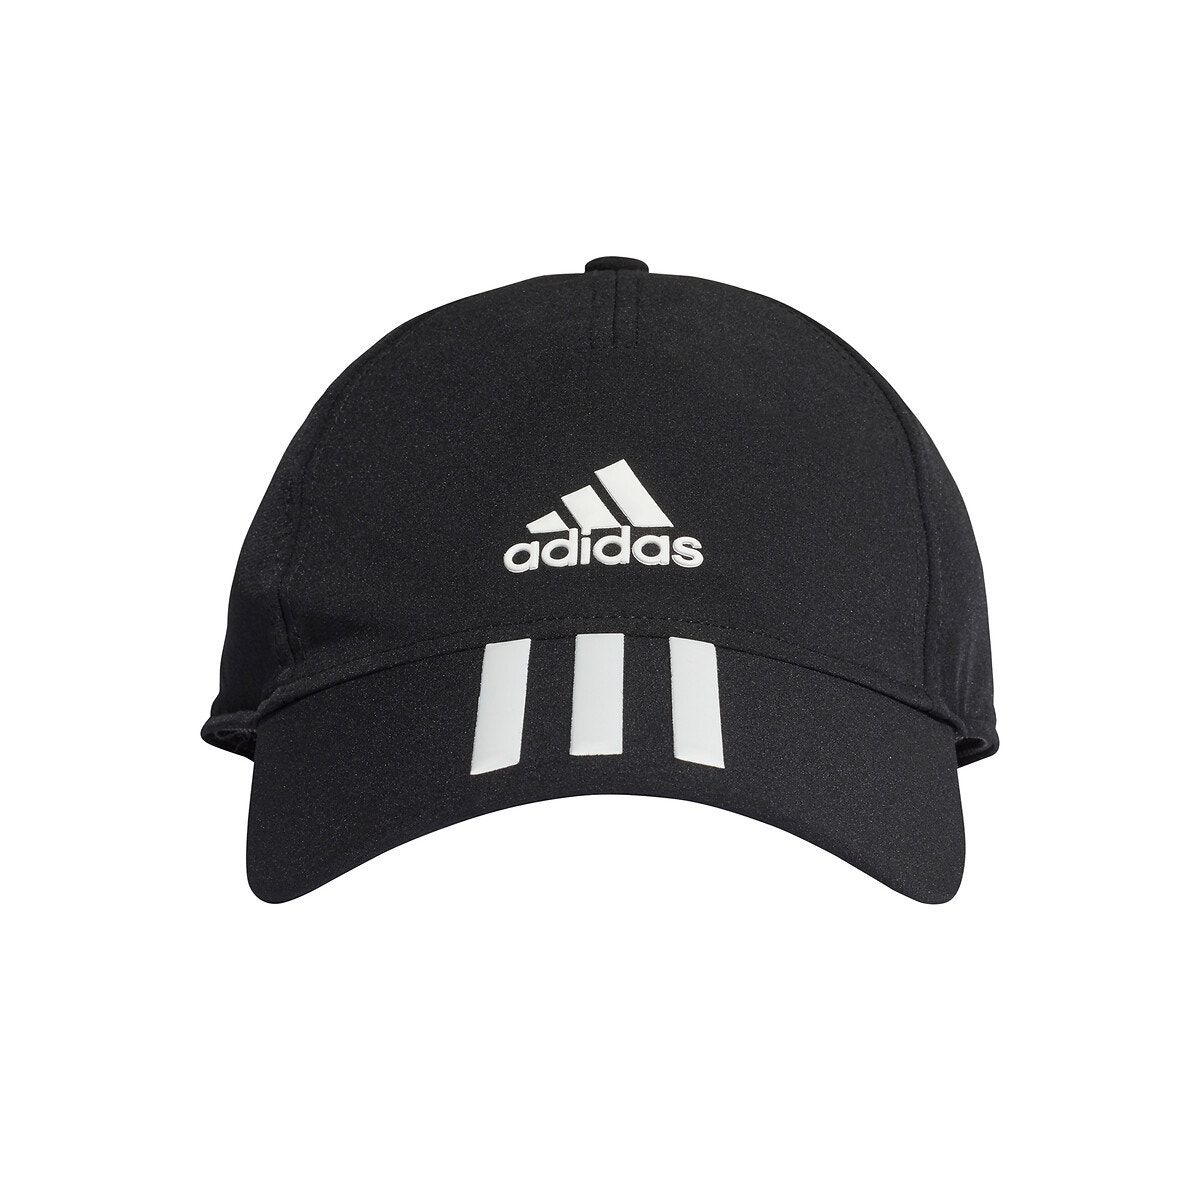 adidas Performance - Καπέλο, BB C 3S 4A A.R 350173624 - 6527